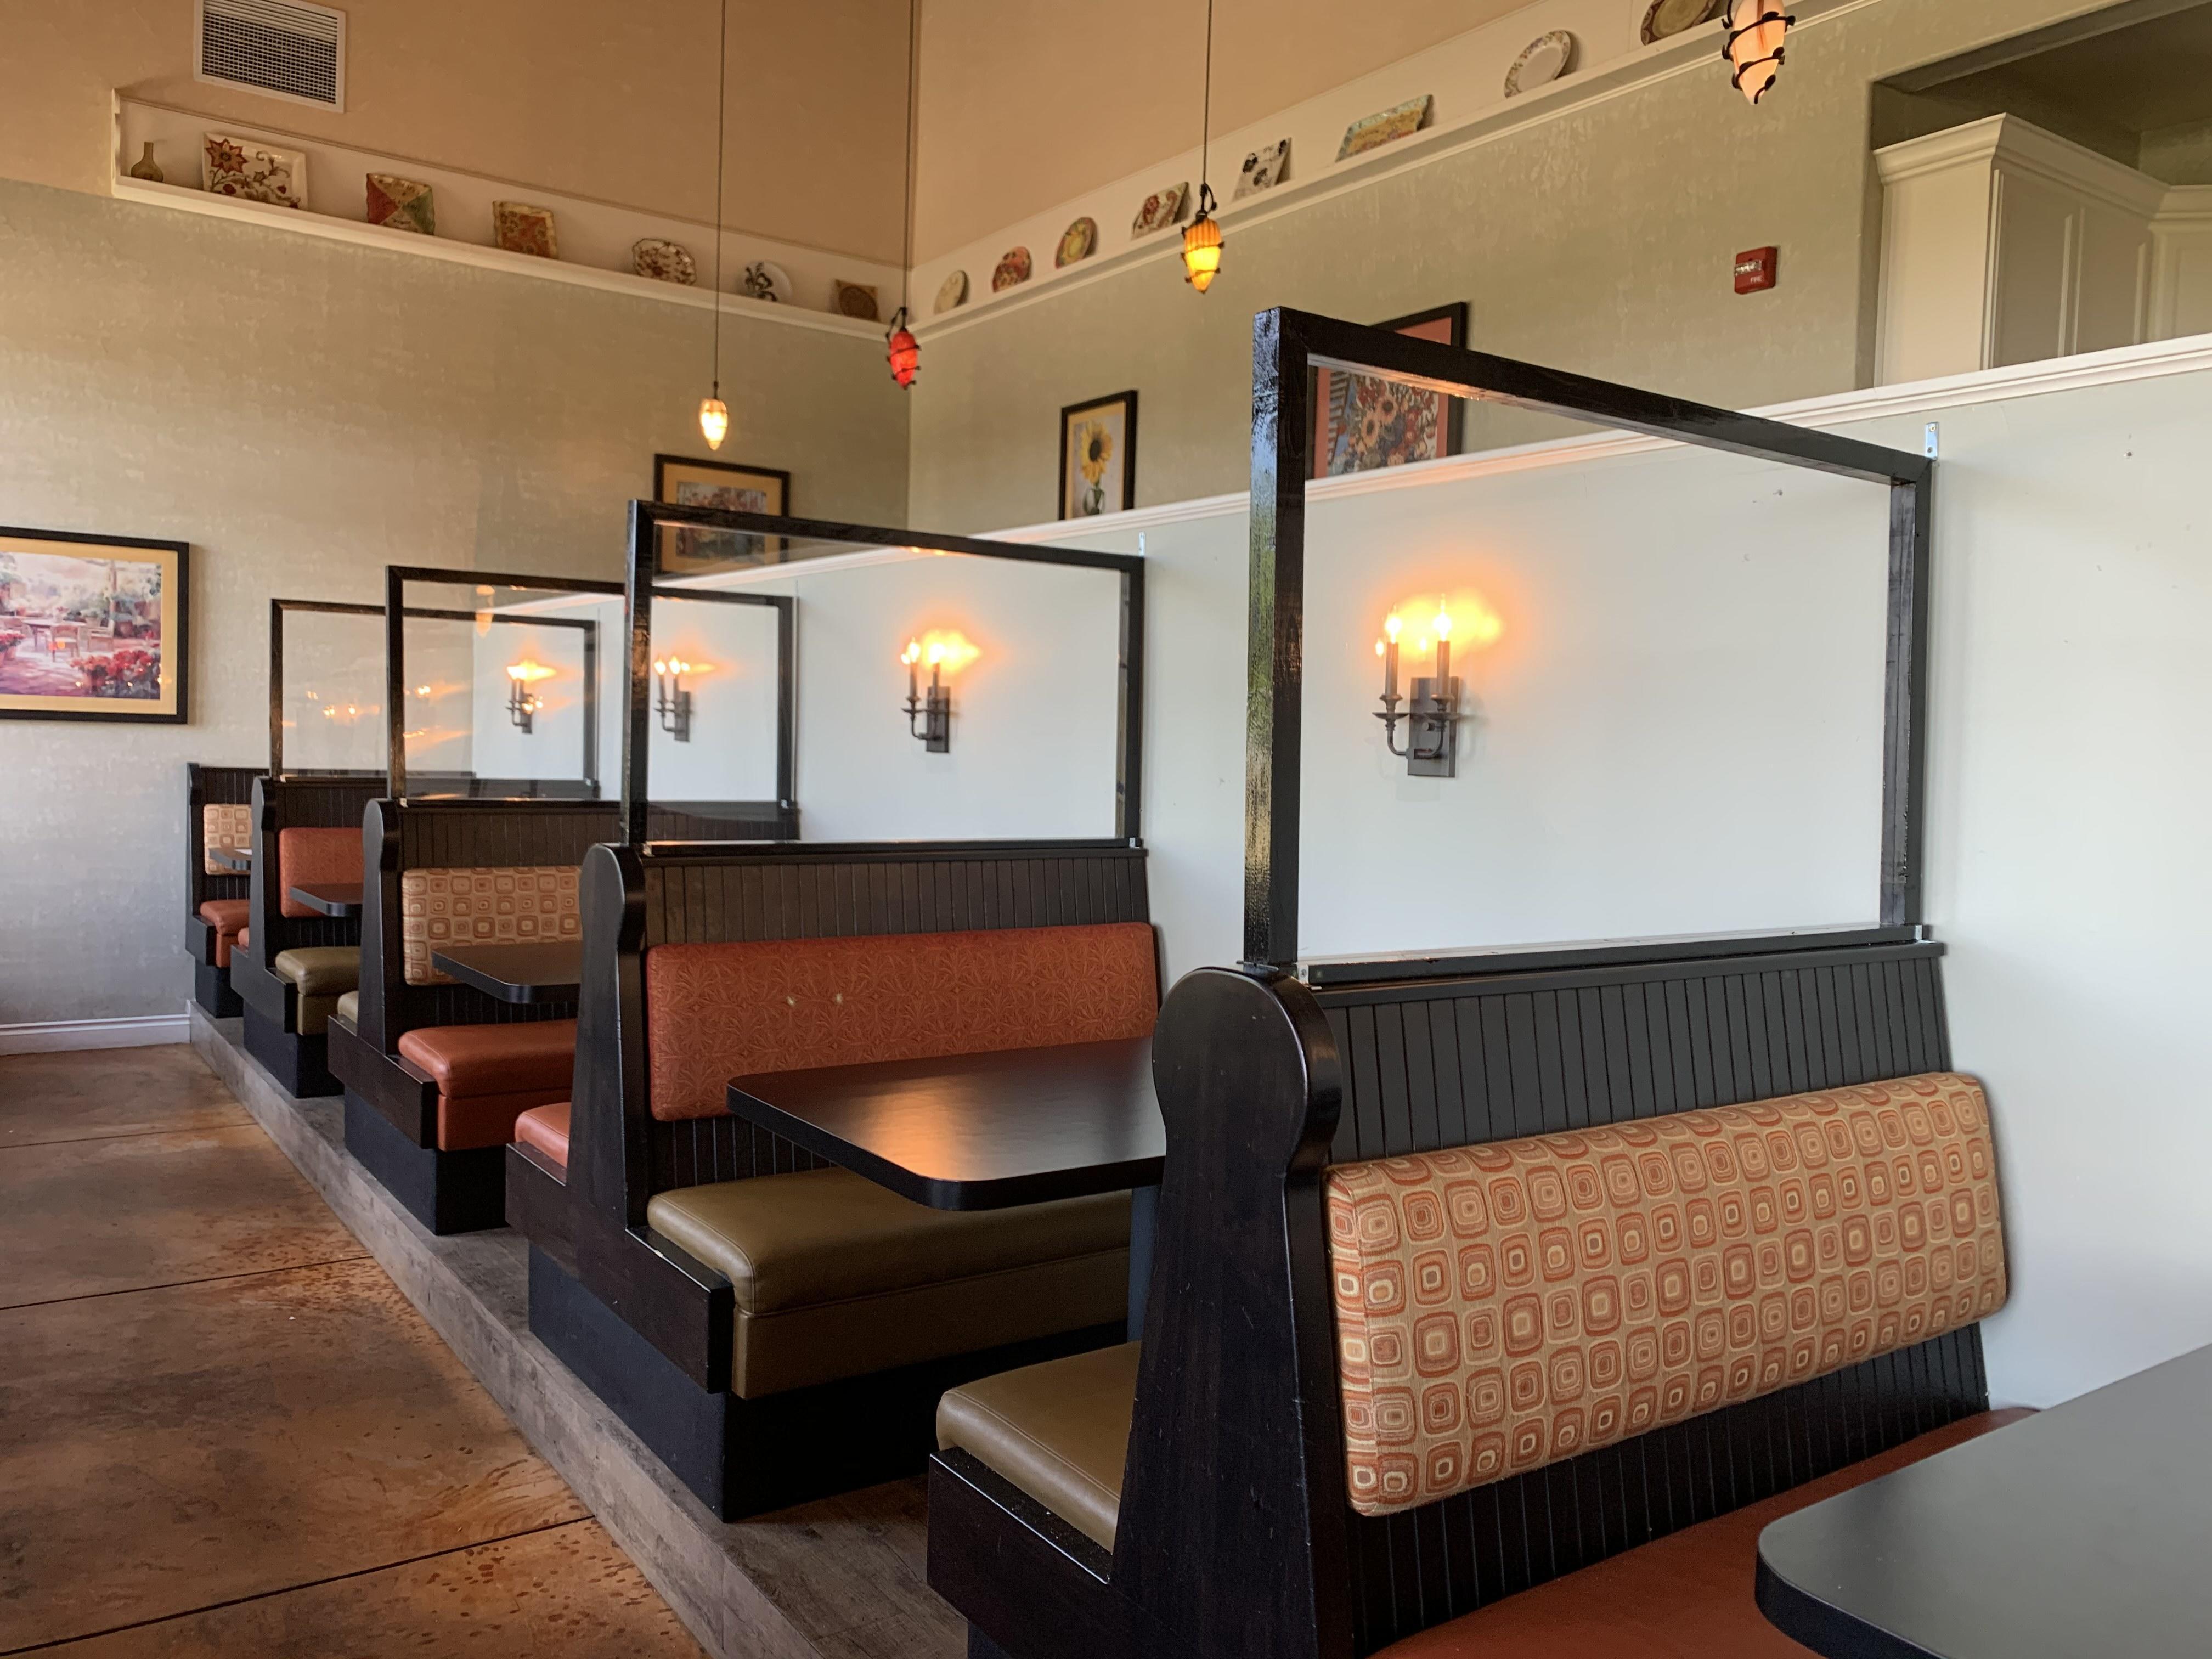 Plexiglass between restaurant booths